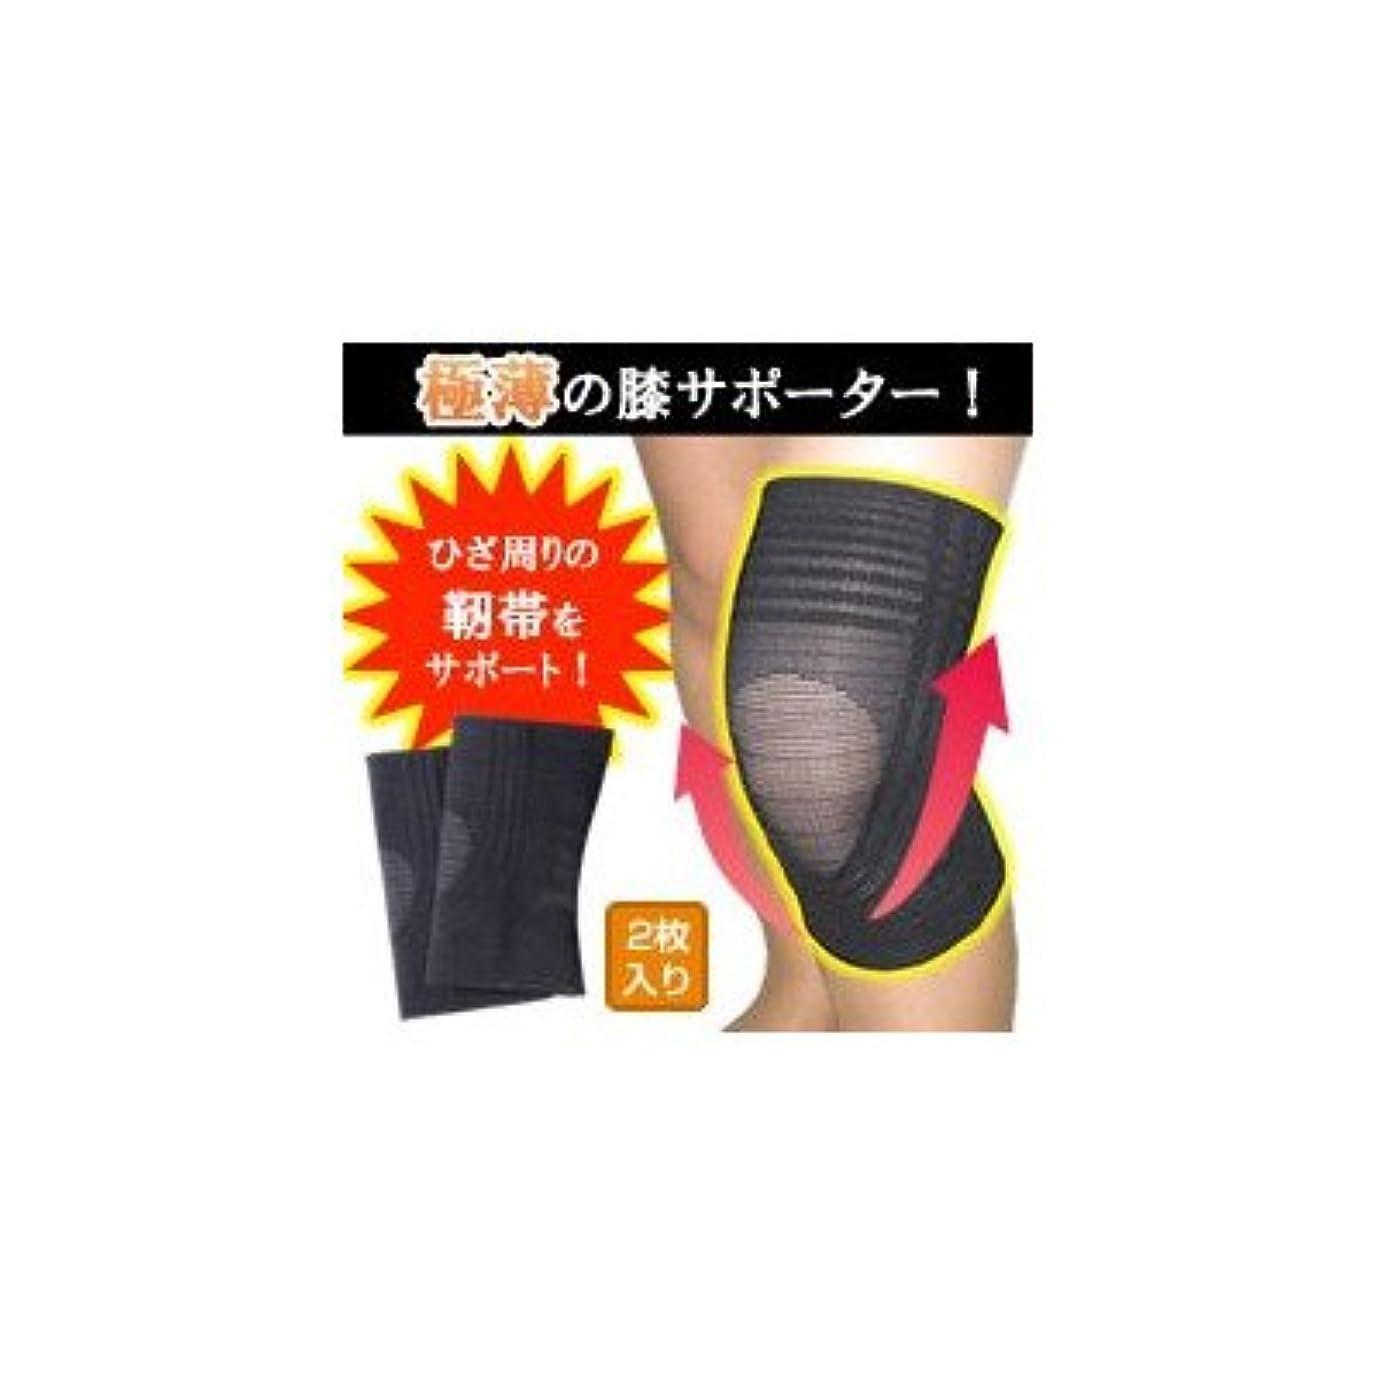 安らぎカタログ一流縁の下の膝靭帯サポーター M( 画像はイメージ画像です お届けの商品はMのみとなります)